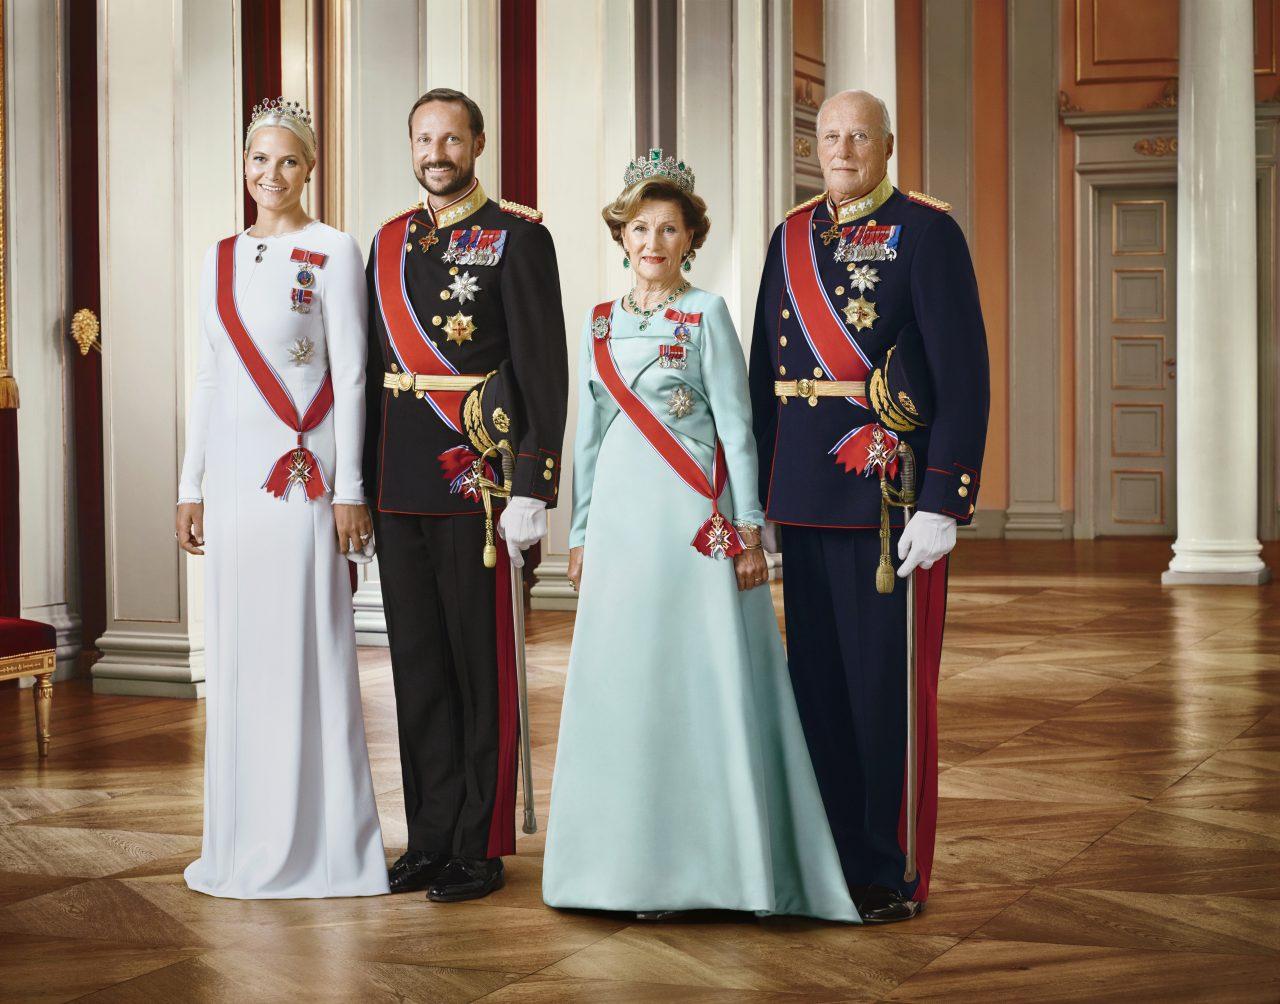 Offisielt bilde av Deres Majesteter Kongen og Dronningen, Deres Kongelige Høyheter Kronprinsen og Kronprinsessen. Kongen og Kronprinsen i uniform, og Dronningen og Kronprinsessen i gallakjoler.